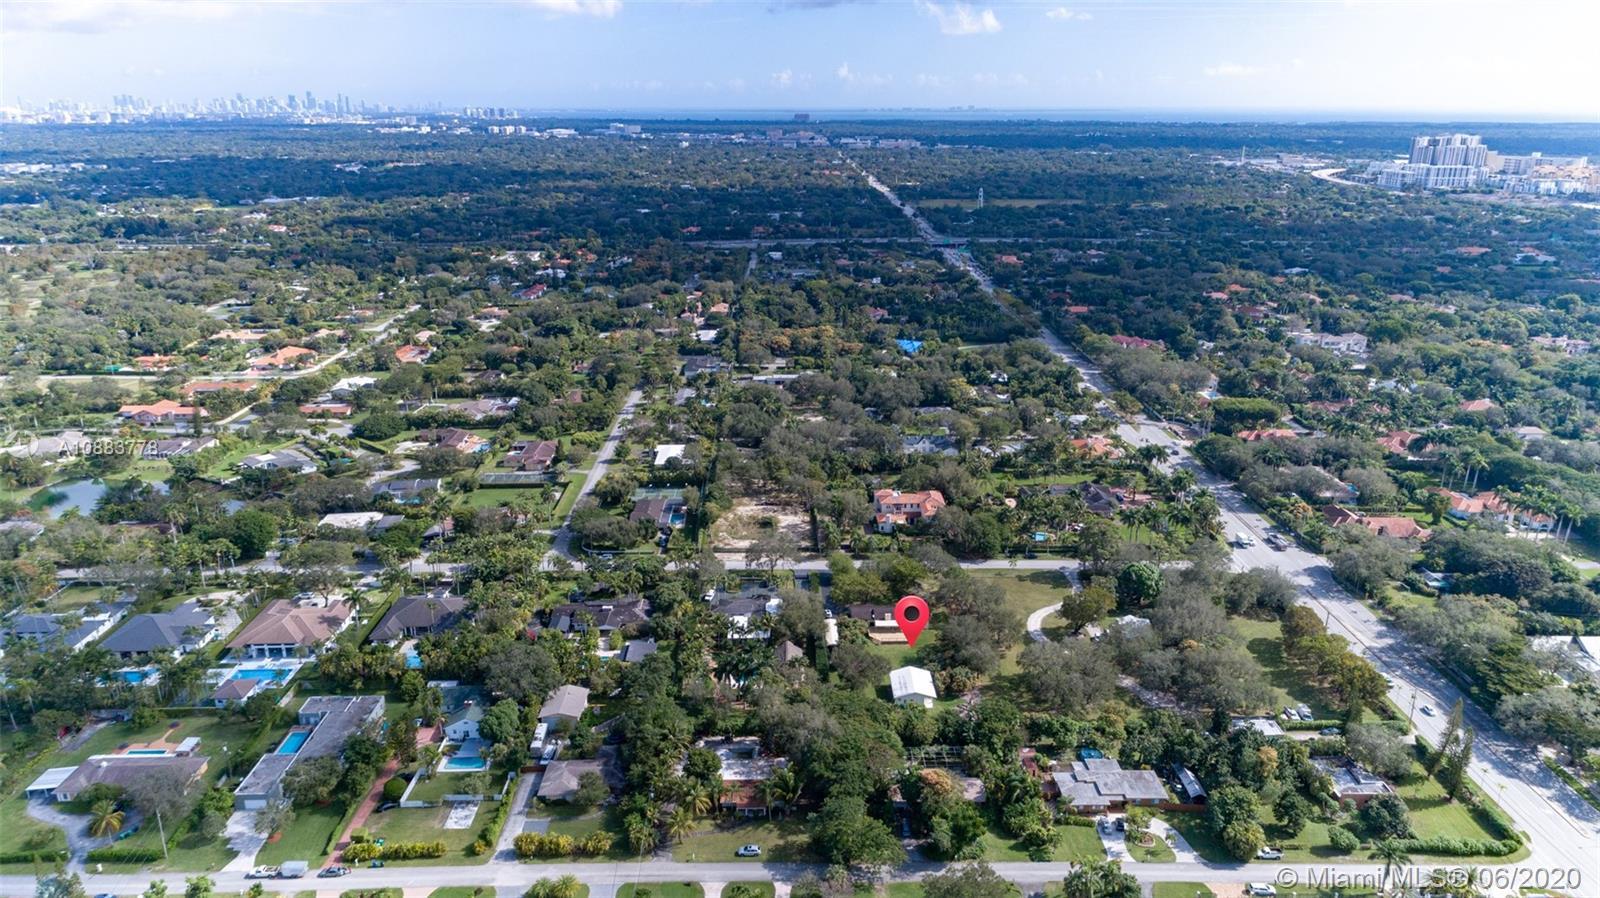 South Miami # - 05 - photo